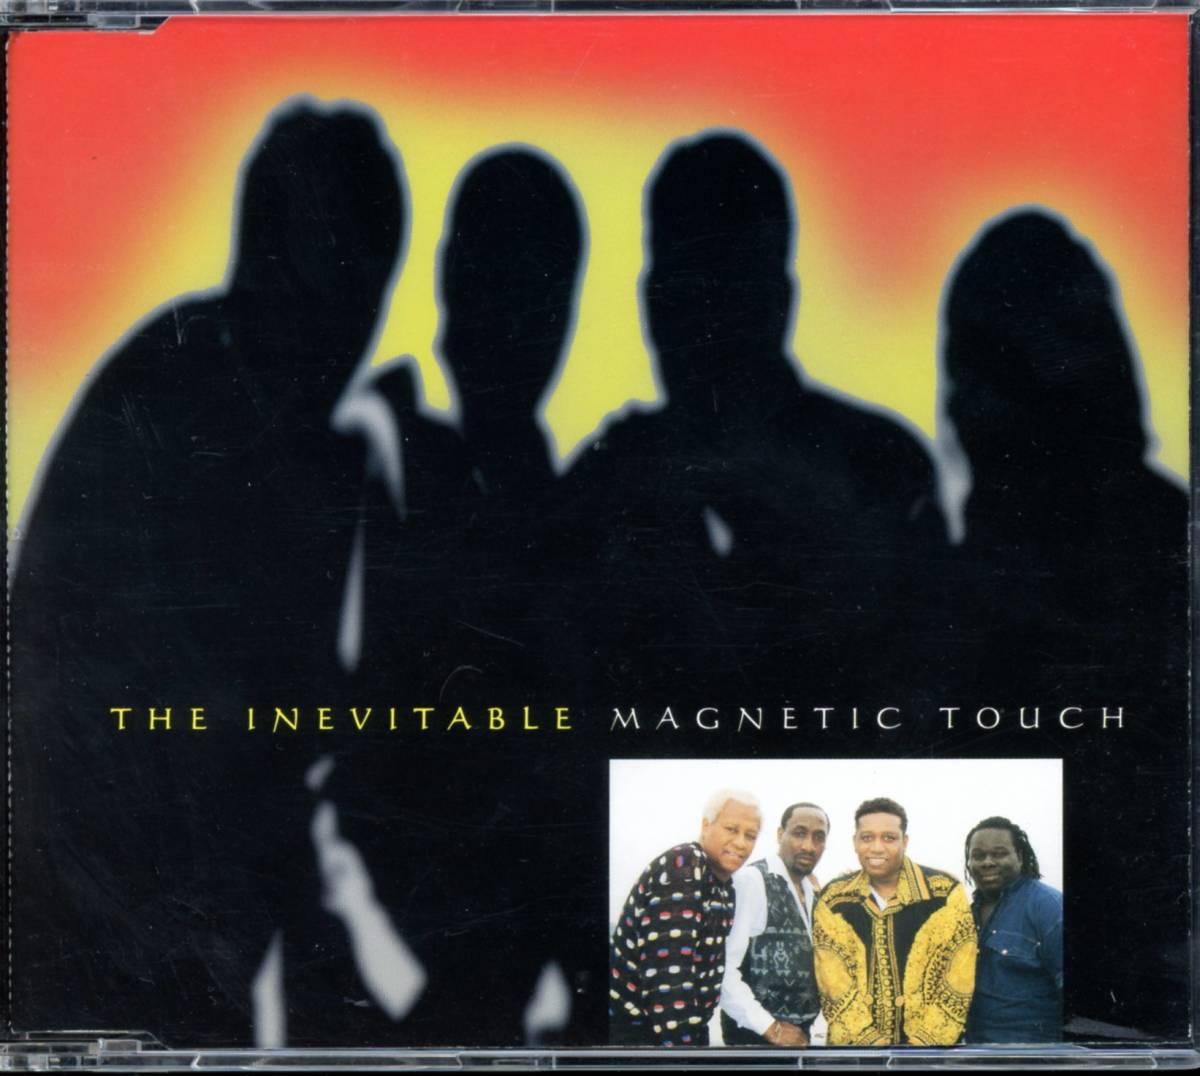 レア!!■Indie-Soul/R&B■THE INEVITABLE / magnetic touch (1998) 超~貴重作!! PATRICK ADAMS制作!!